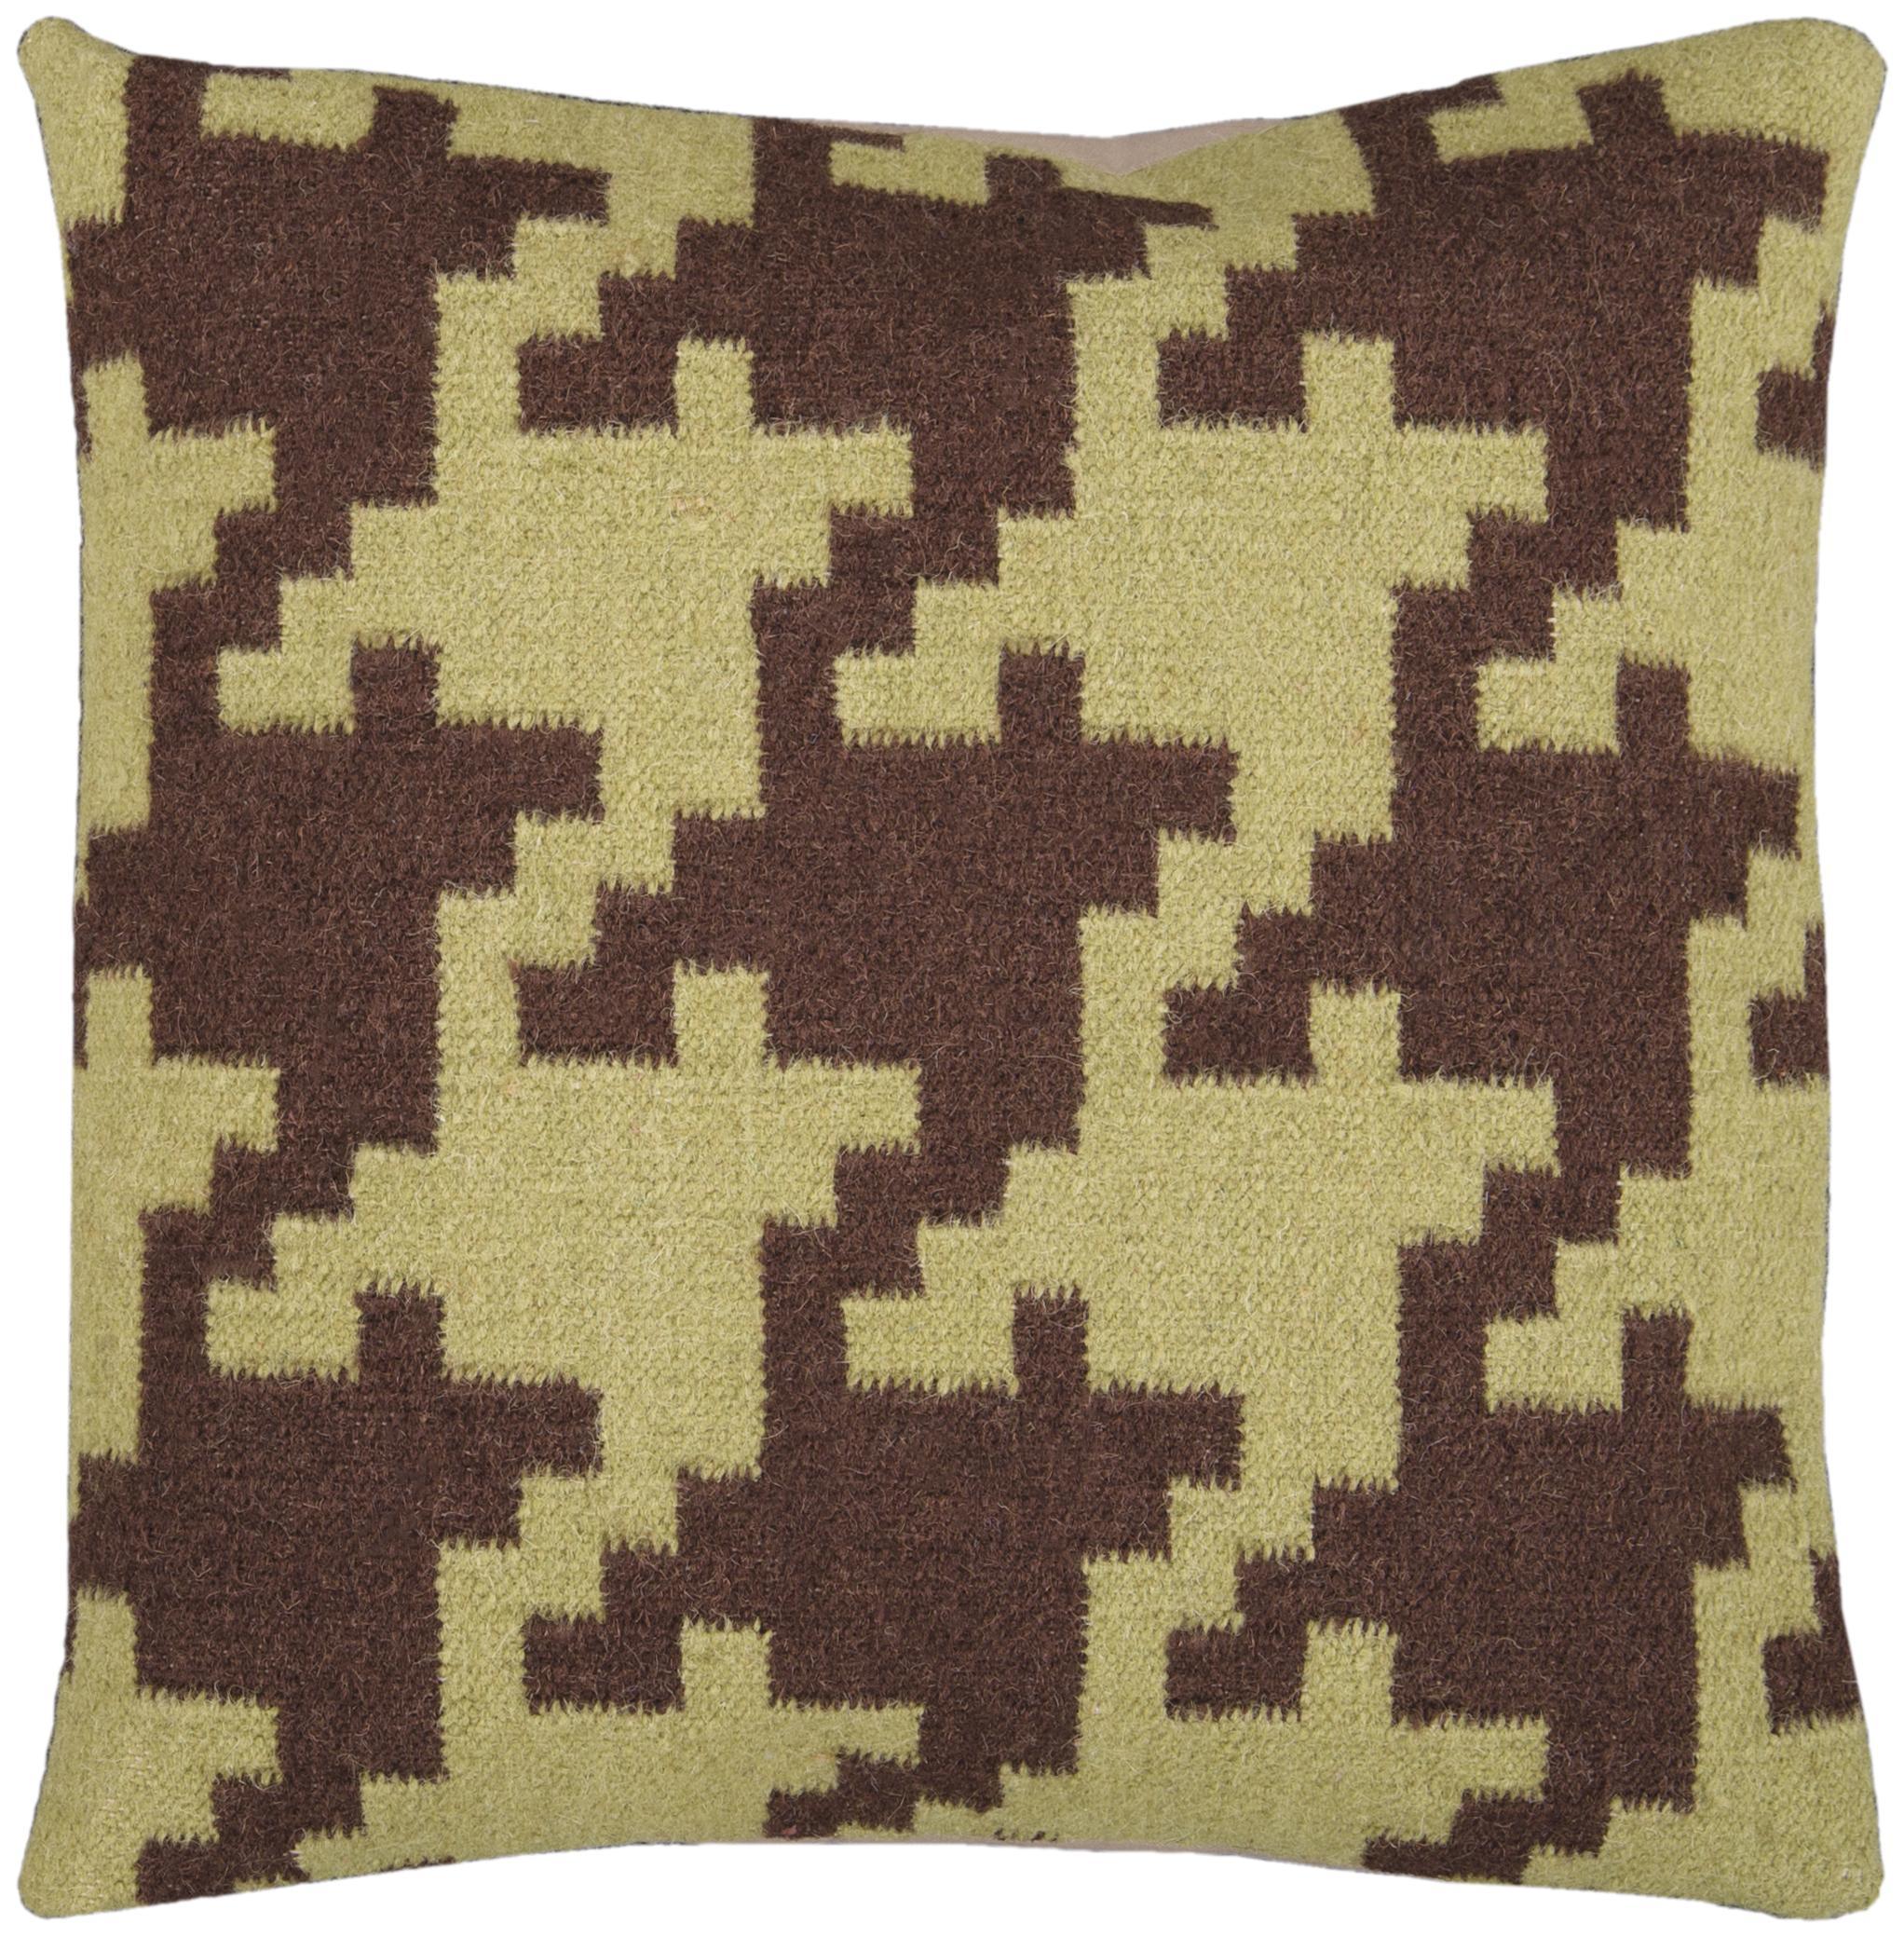 """Surya Rugs Pillows 20"""" x 20"""" Pillow - Item Number: FA025-2020P"""